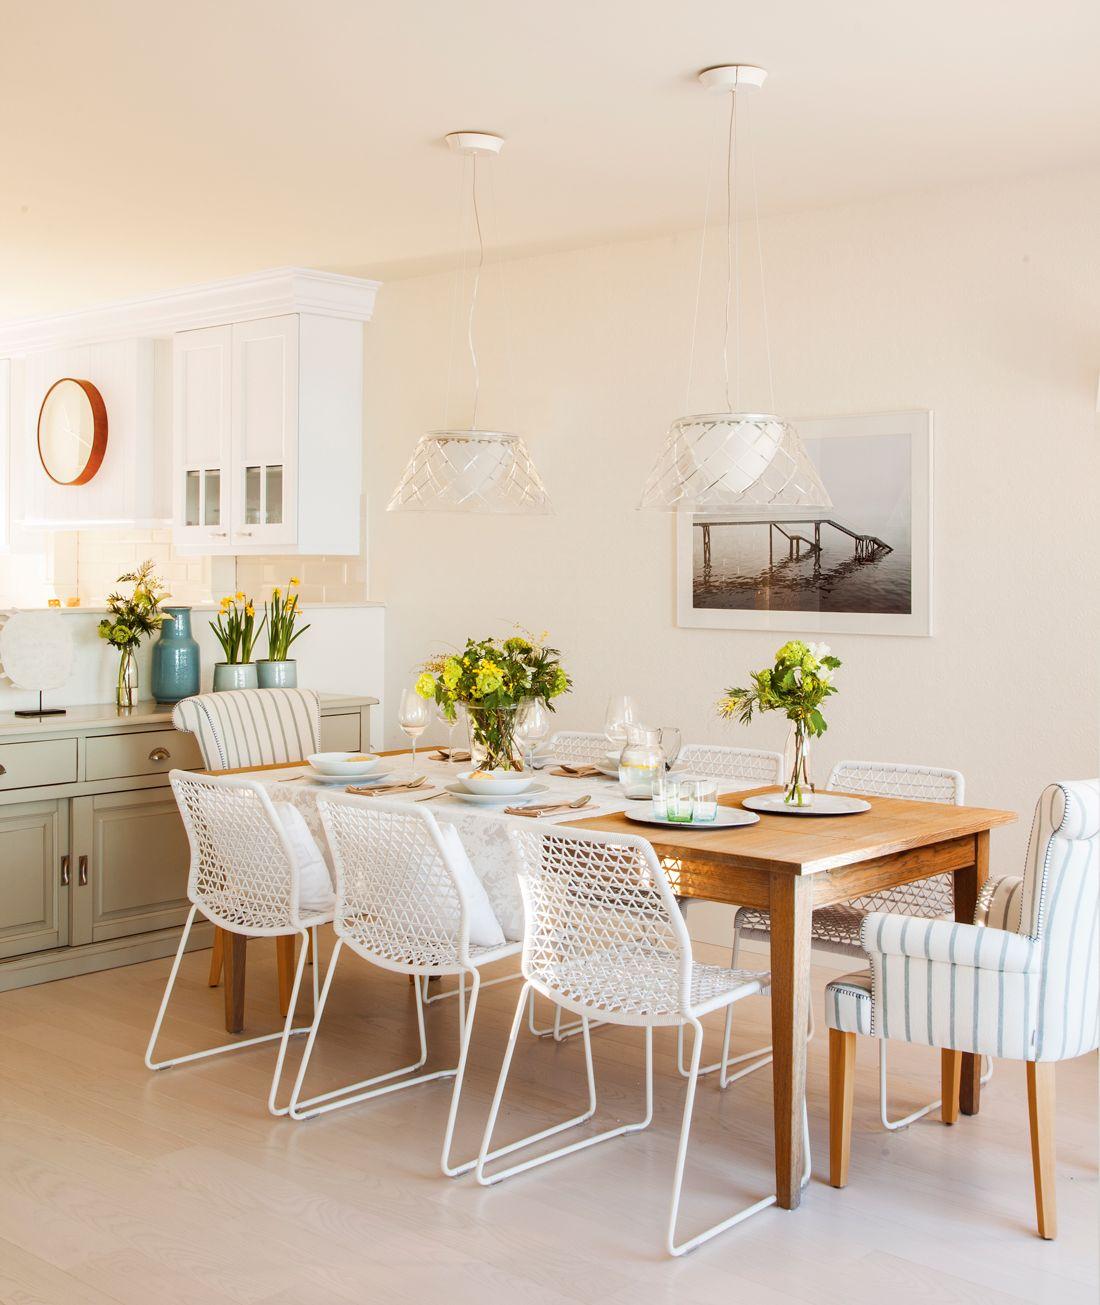 Sillas de honor | Diningrooms... | Comedores, Ikea comedor y Mesa ...